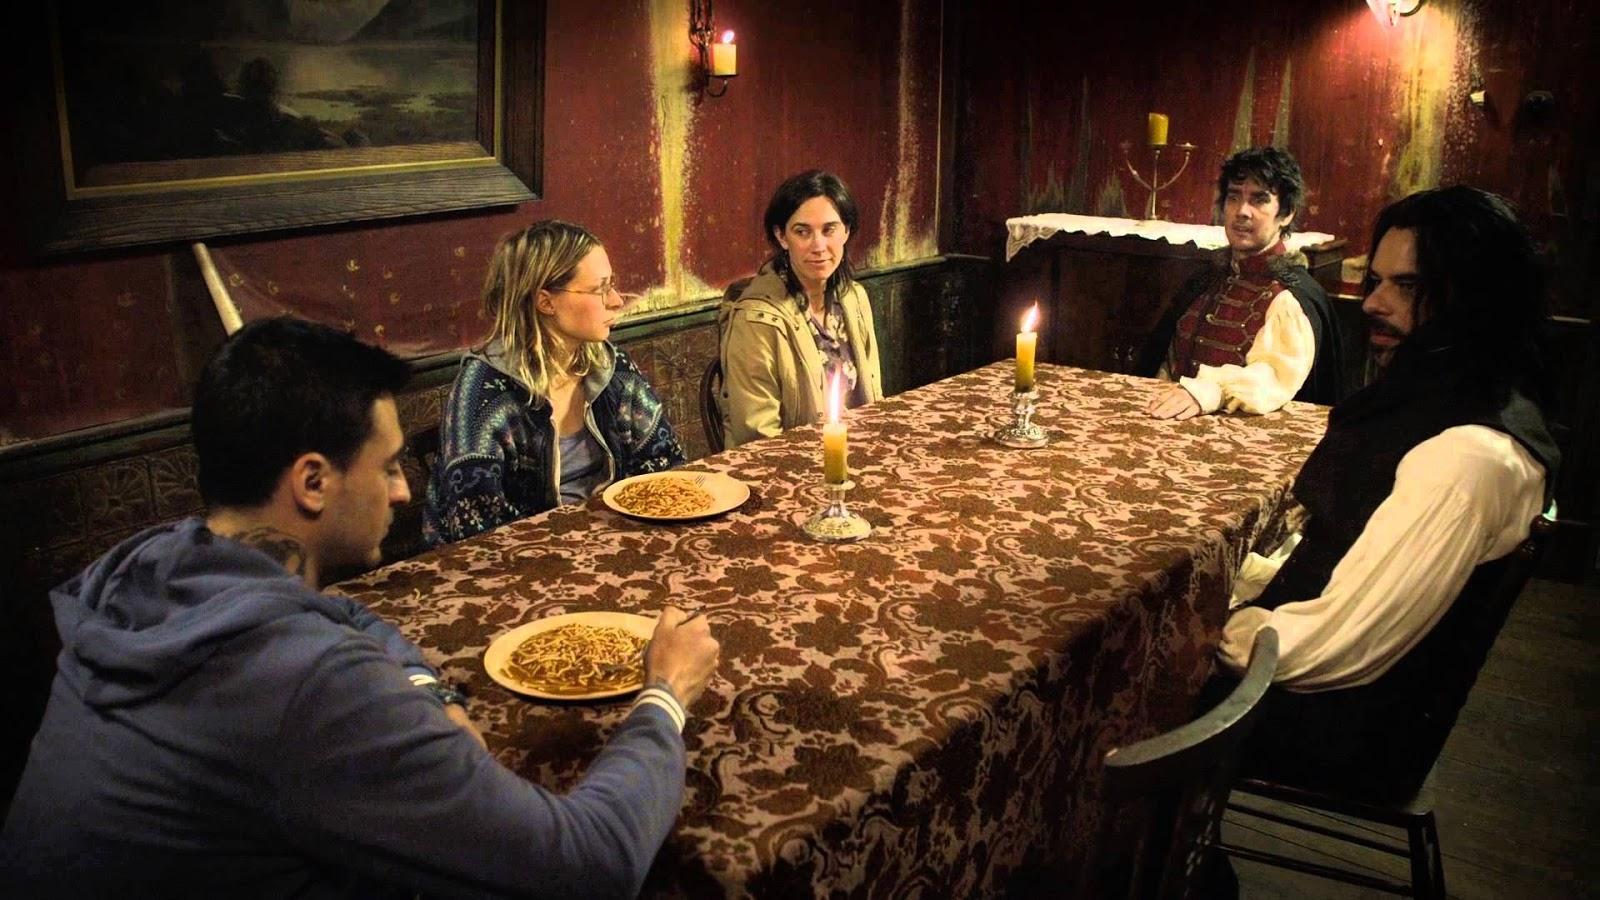 5 Zimmer Küche Sarg | Raysfilme Horror Thriller Science Fiction 5 Zimmer Kuche Sarg